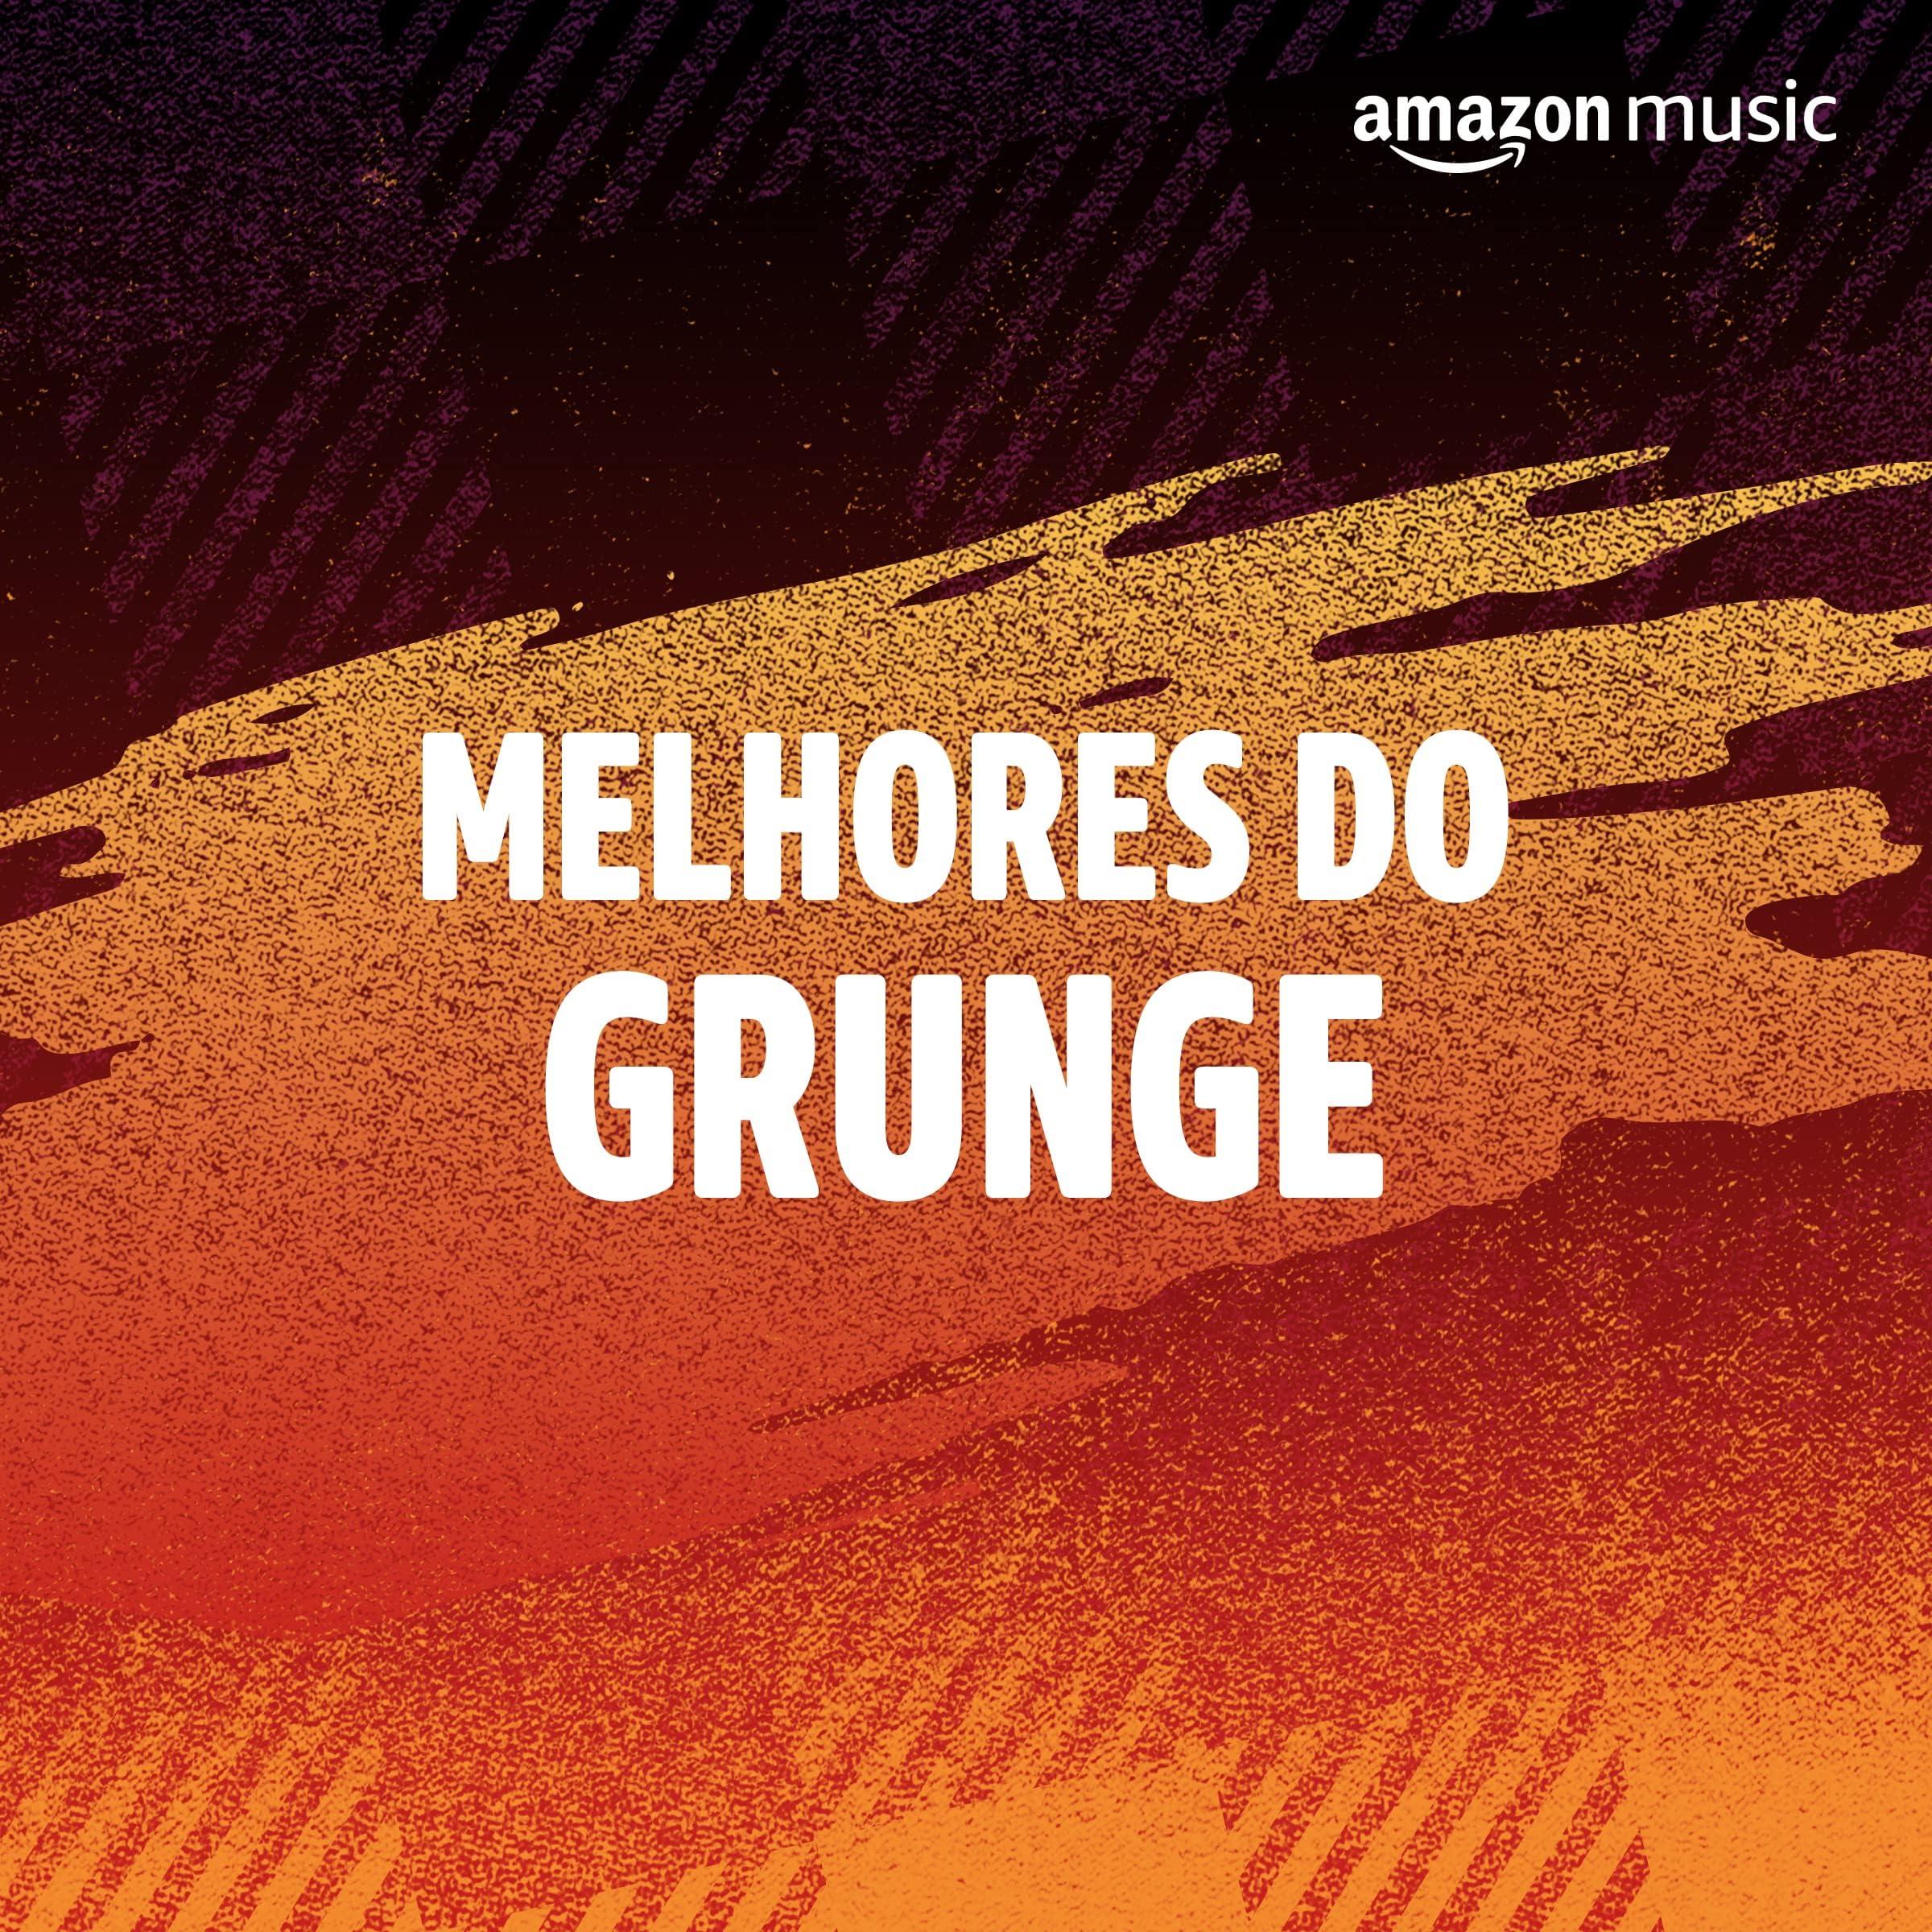 Melhores do Grunge